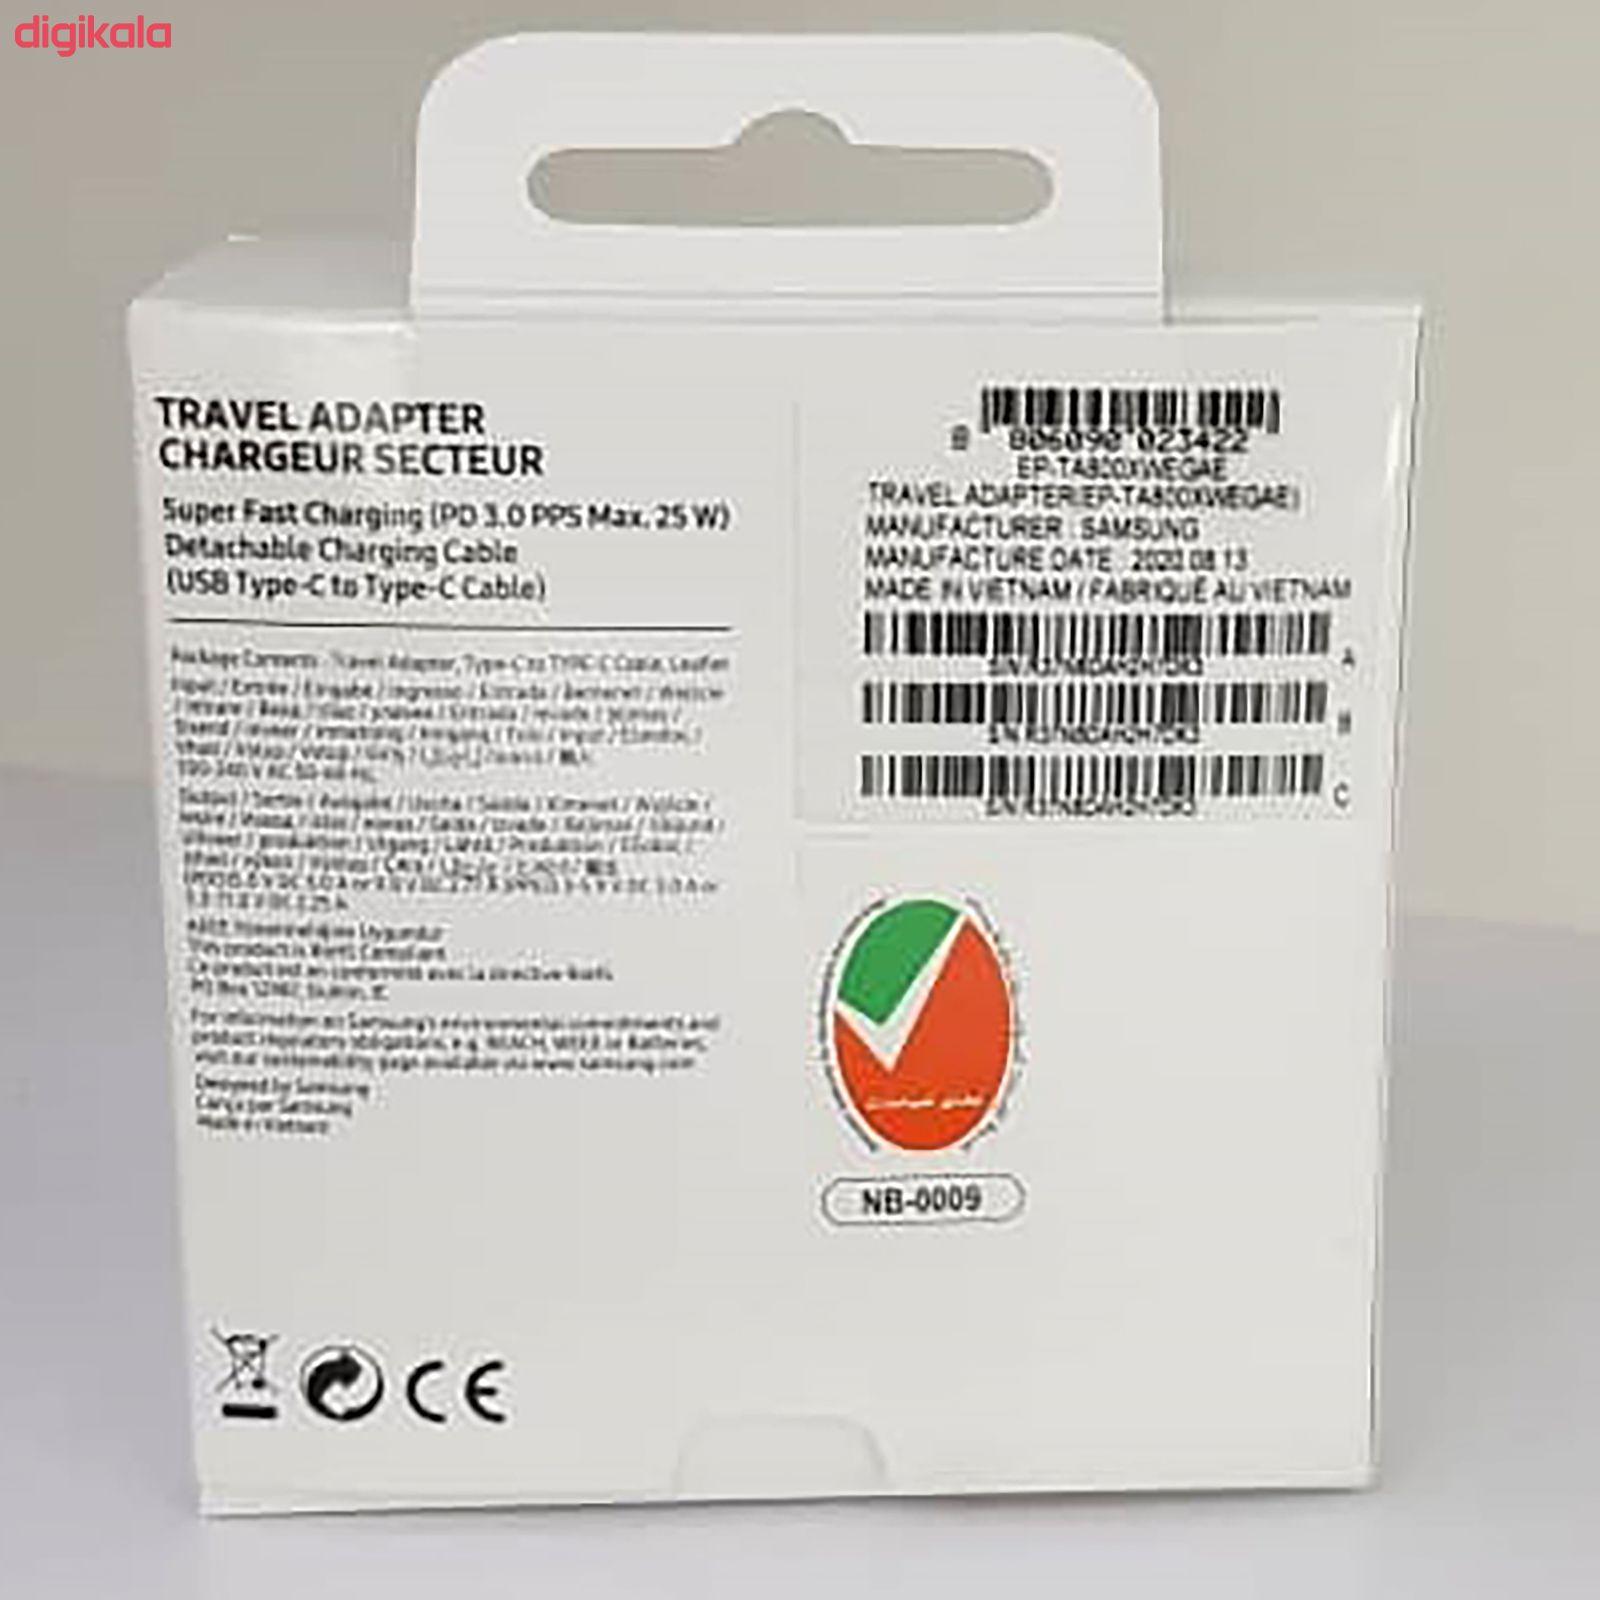 شارژر دیواری سامسونگ مدل EP-TA800 به همراه کابل تبدیل USB-C main 1 11